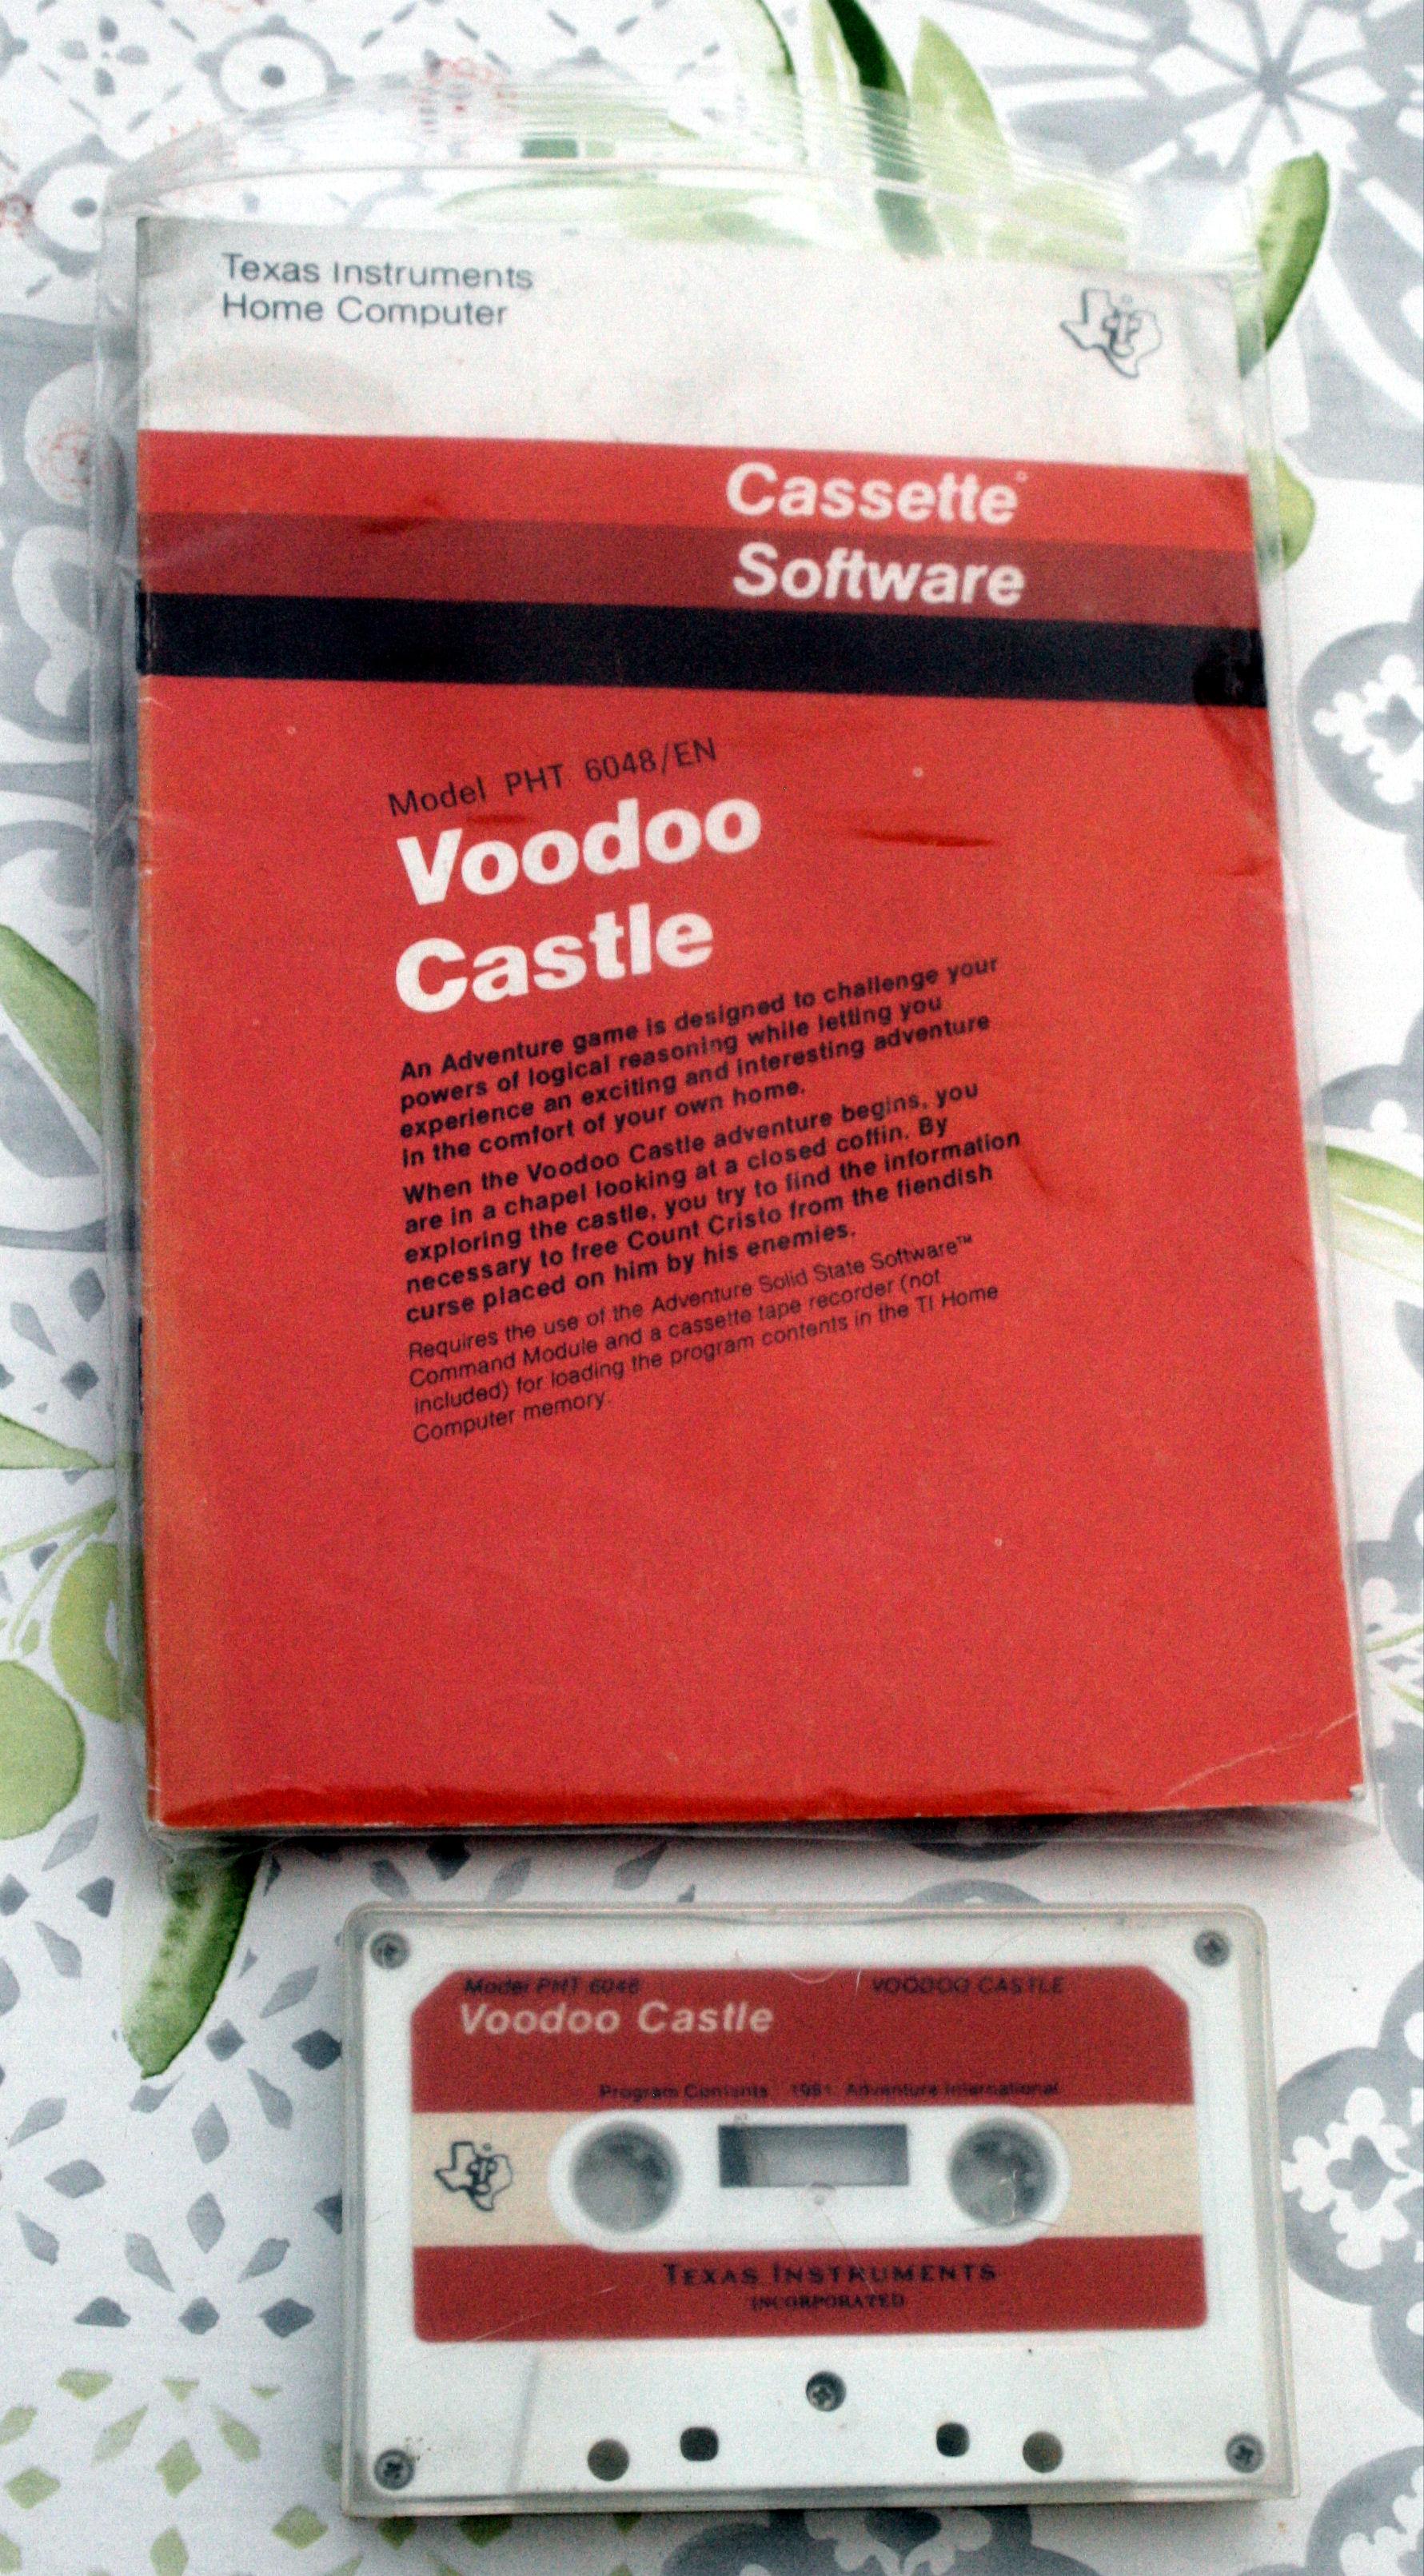 VoodooCaastle